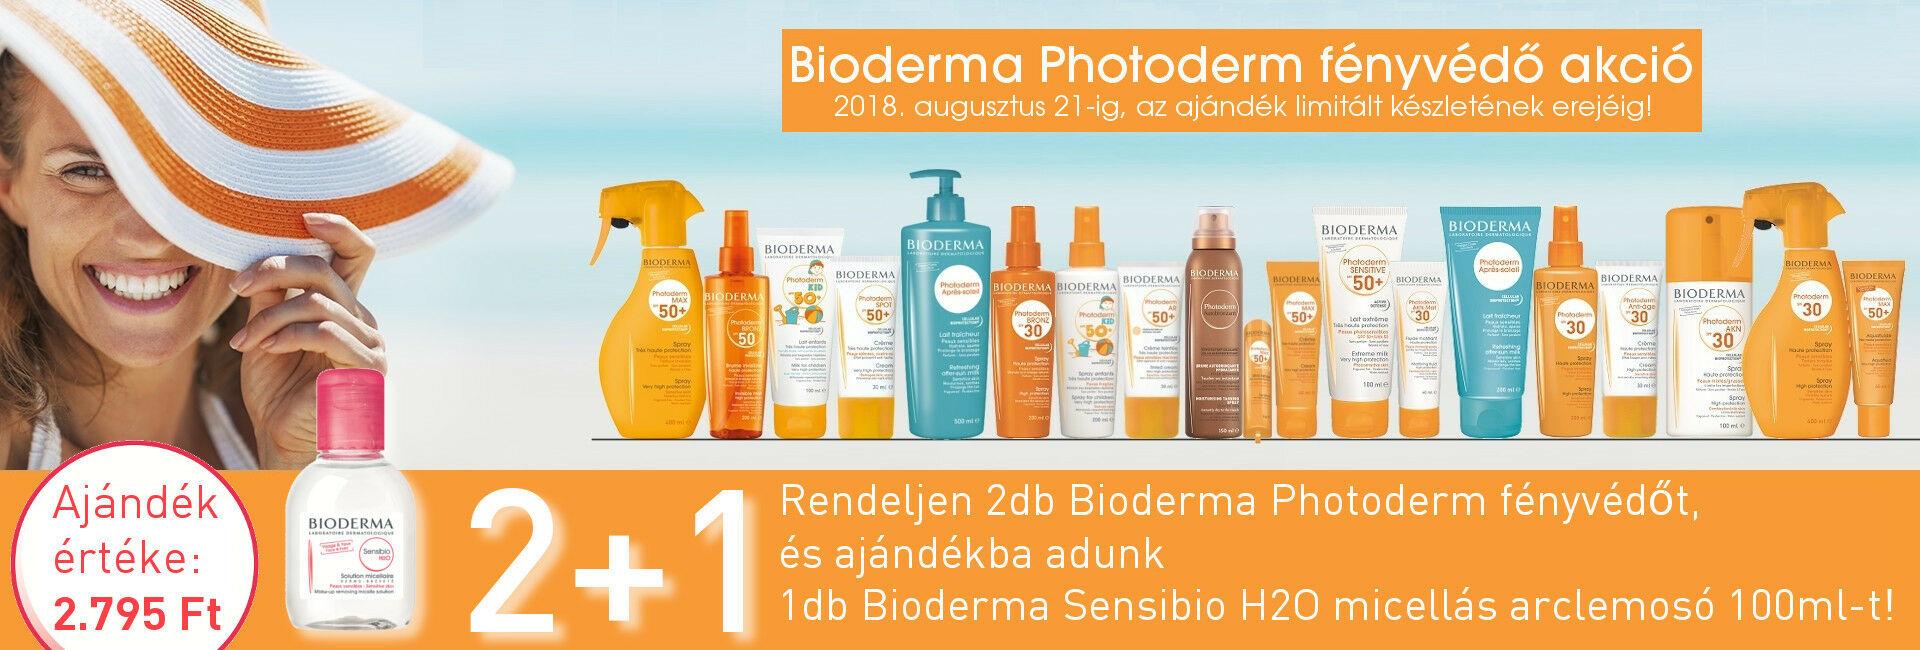 2018. augusztus 21-ig, vagy az ajándék limitált készletének erejéig, 2db Bioderma Photoderm fényvédő mellé ajándékba adunk 1db Bioderma Sensibio H2O micellaoldat 100ml-t!